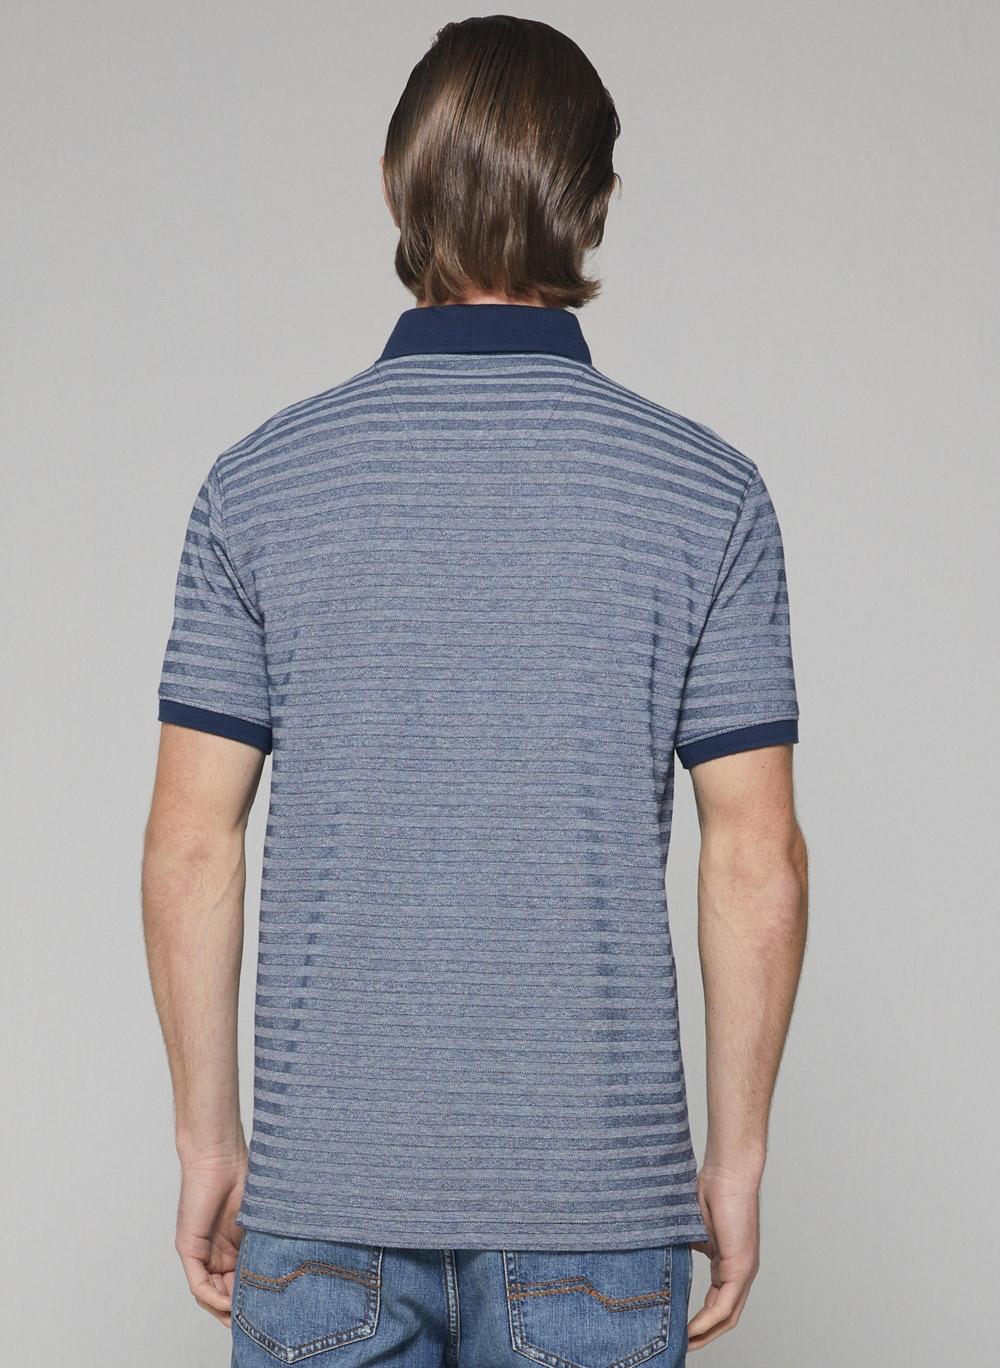 Camisa Masculina Gola Polo Fio Tinto Vista Embutida Dudalina